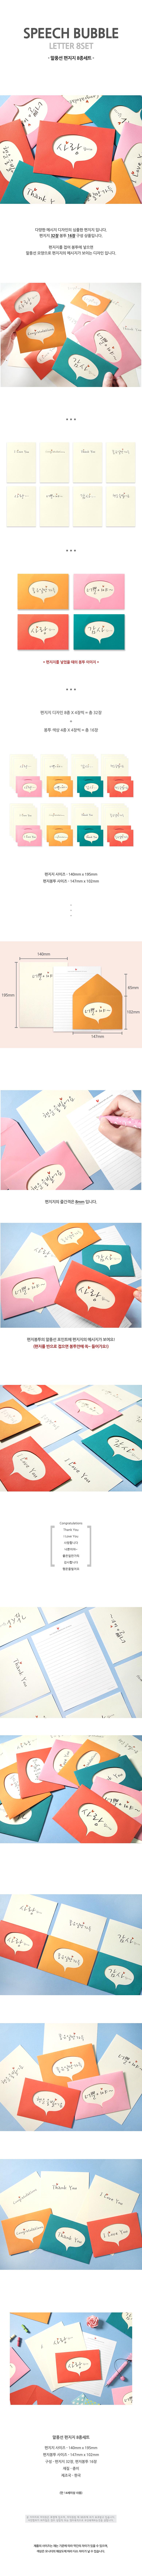 말풍선 편지지 8종세트 - 투영, 12,000원, 편지지, 심플 편지지